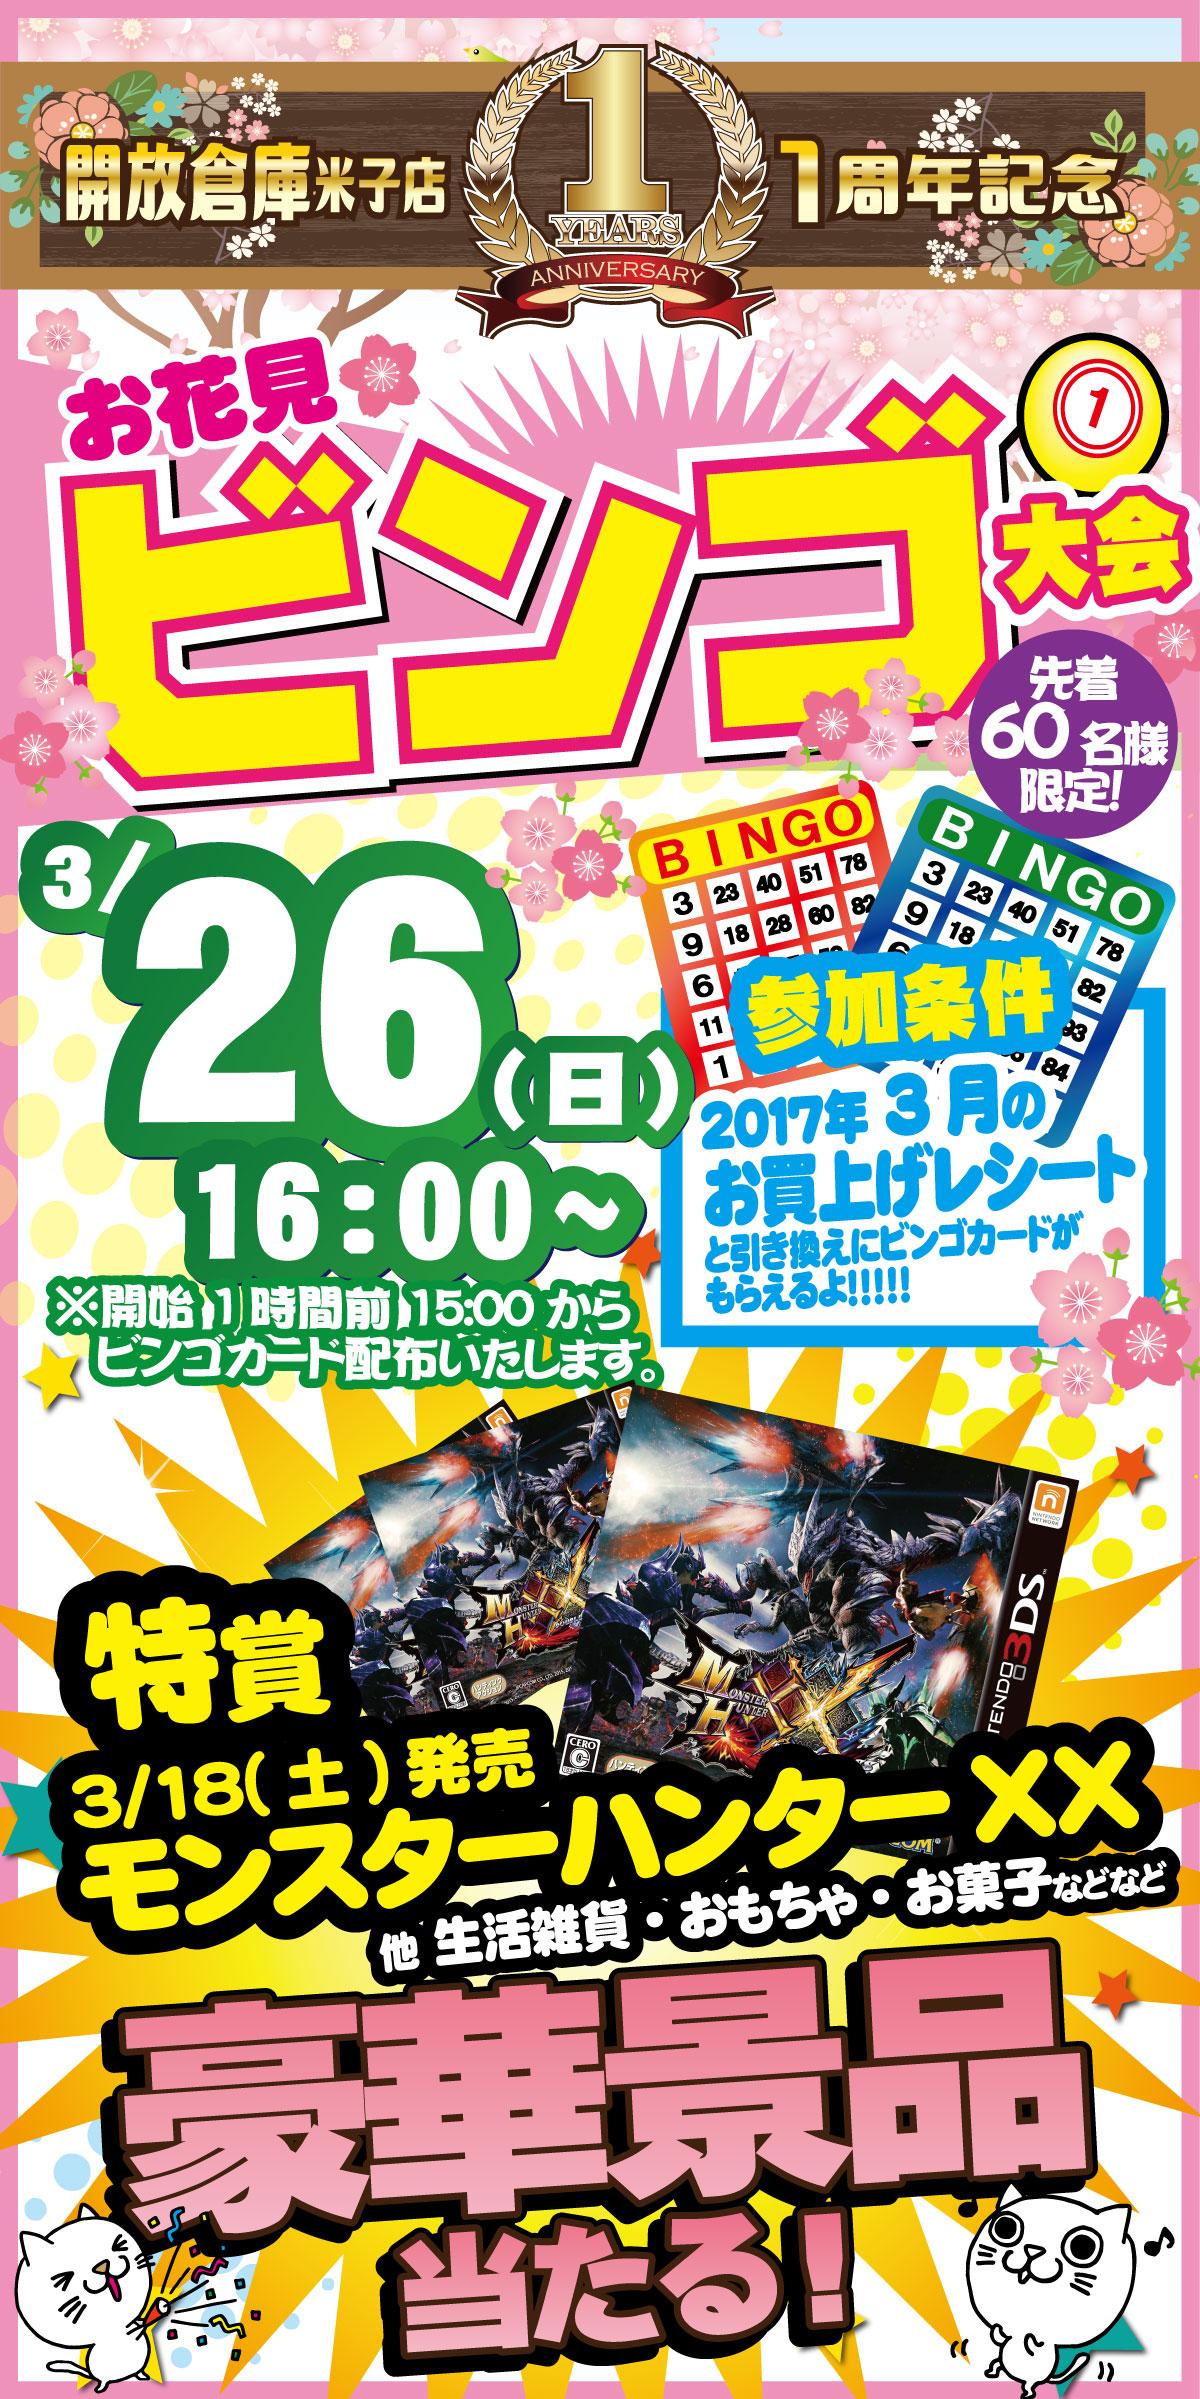 「開放倉庫米子店」2017年3月26日(日)1週年記念お花見ビンゴ大会を開催いたします!!